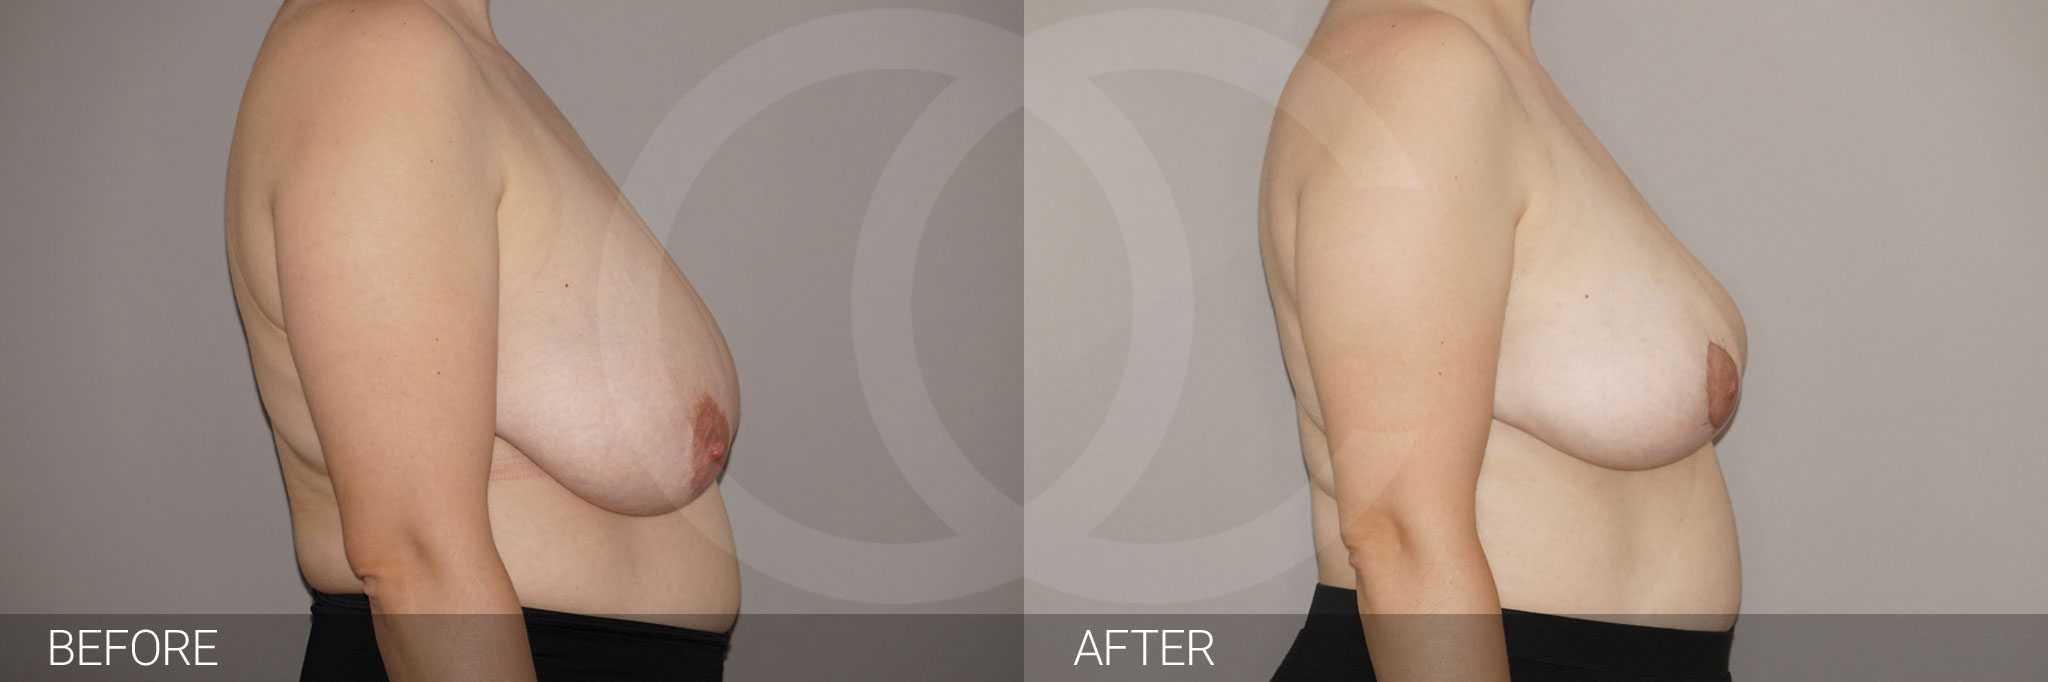 Reducción de pechos con liposucción ante/post-op III